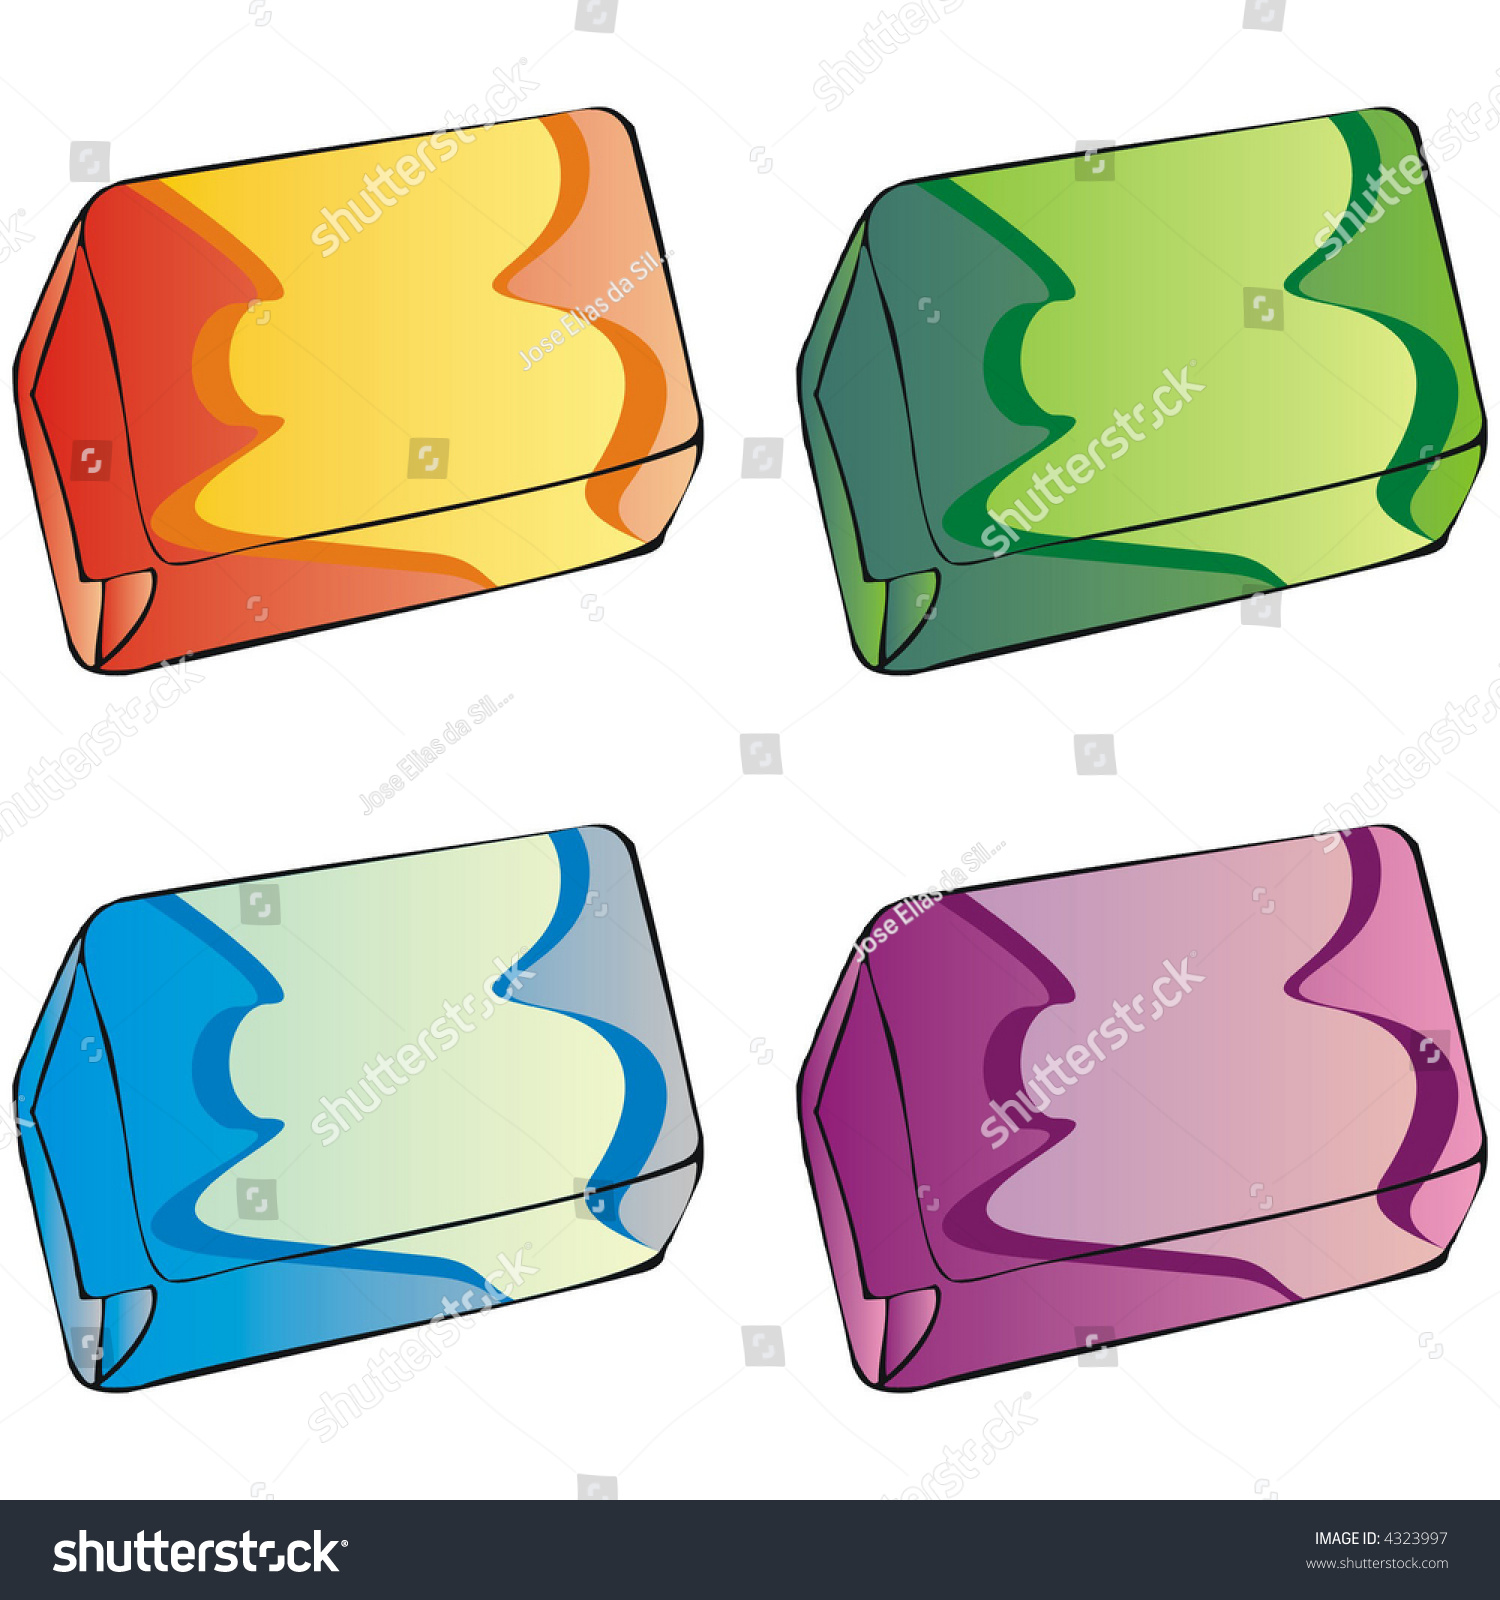 Art Illustration Bubble Gums Caramels Packages Boxes